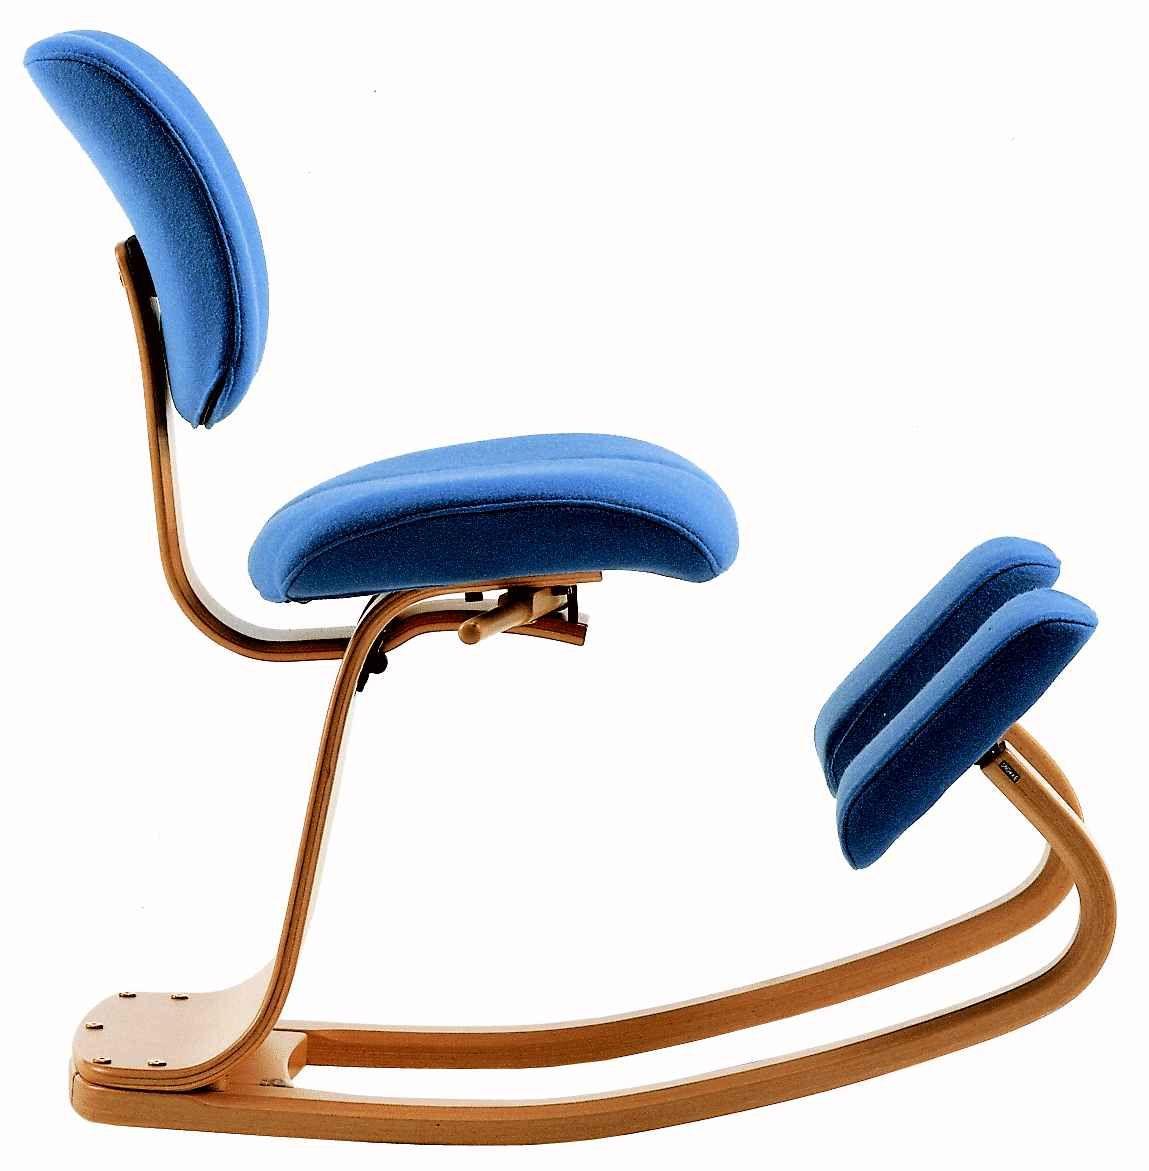 sedia stokke ergonomica OPOSIT da studio | sedie | Ergonomic ...